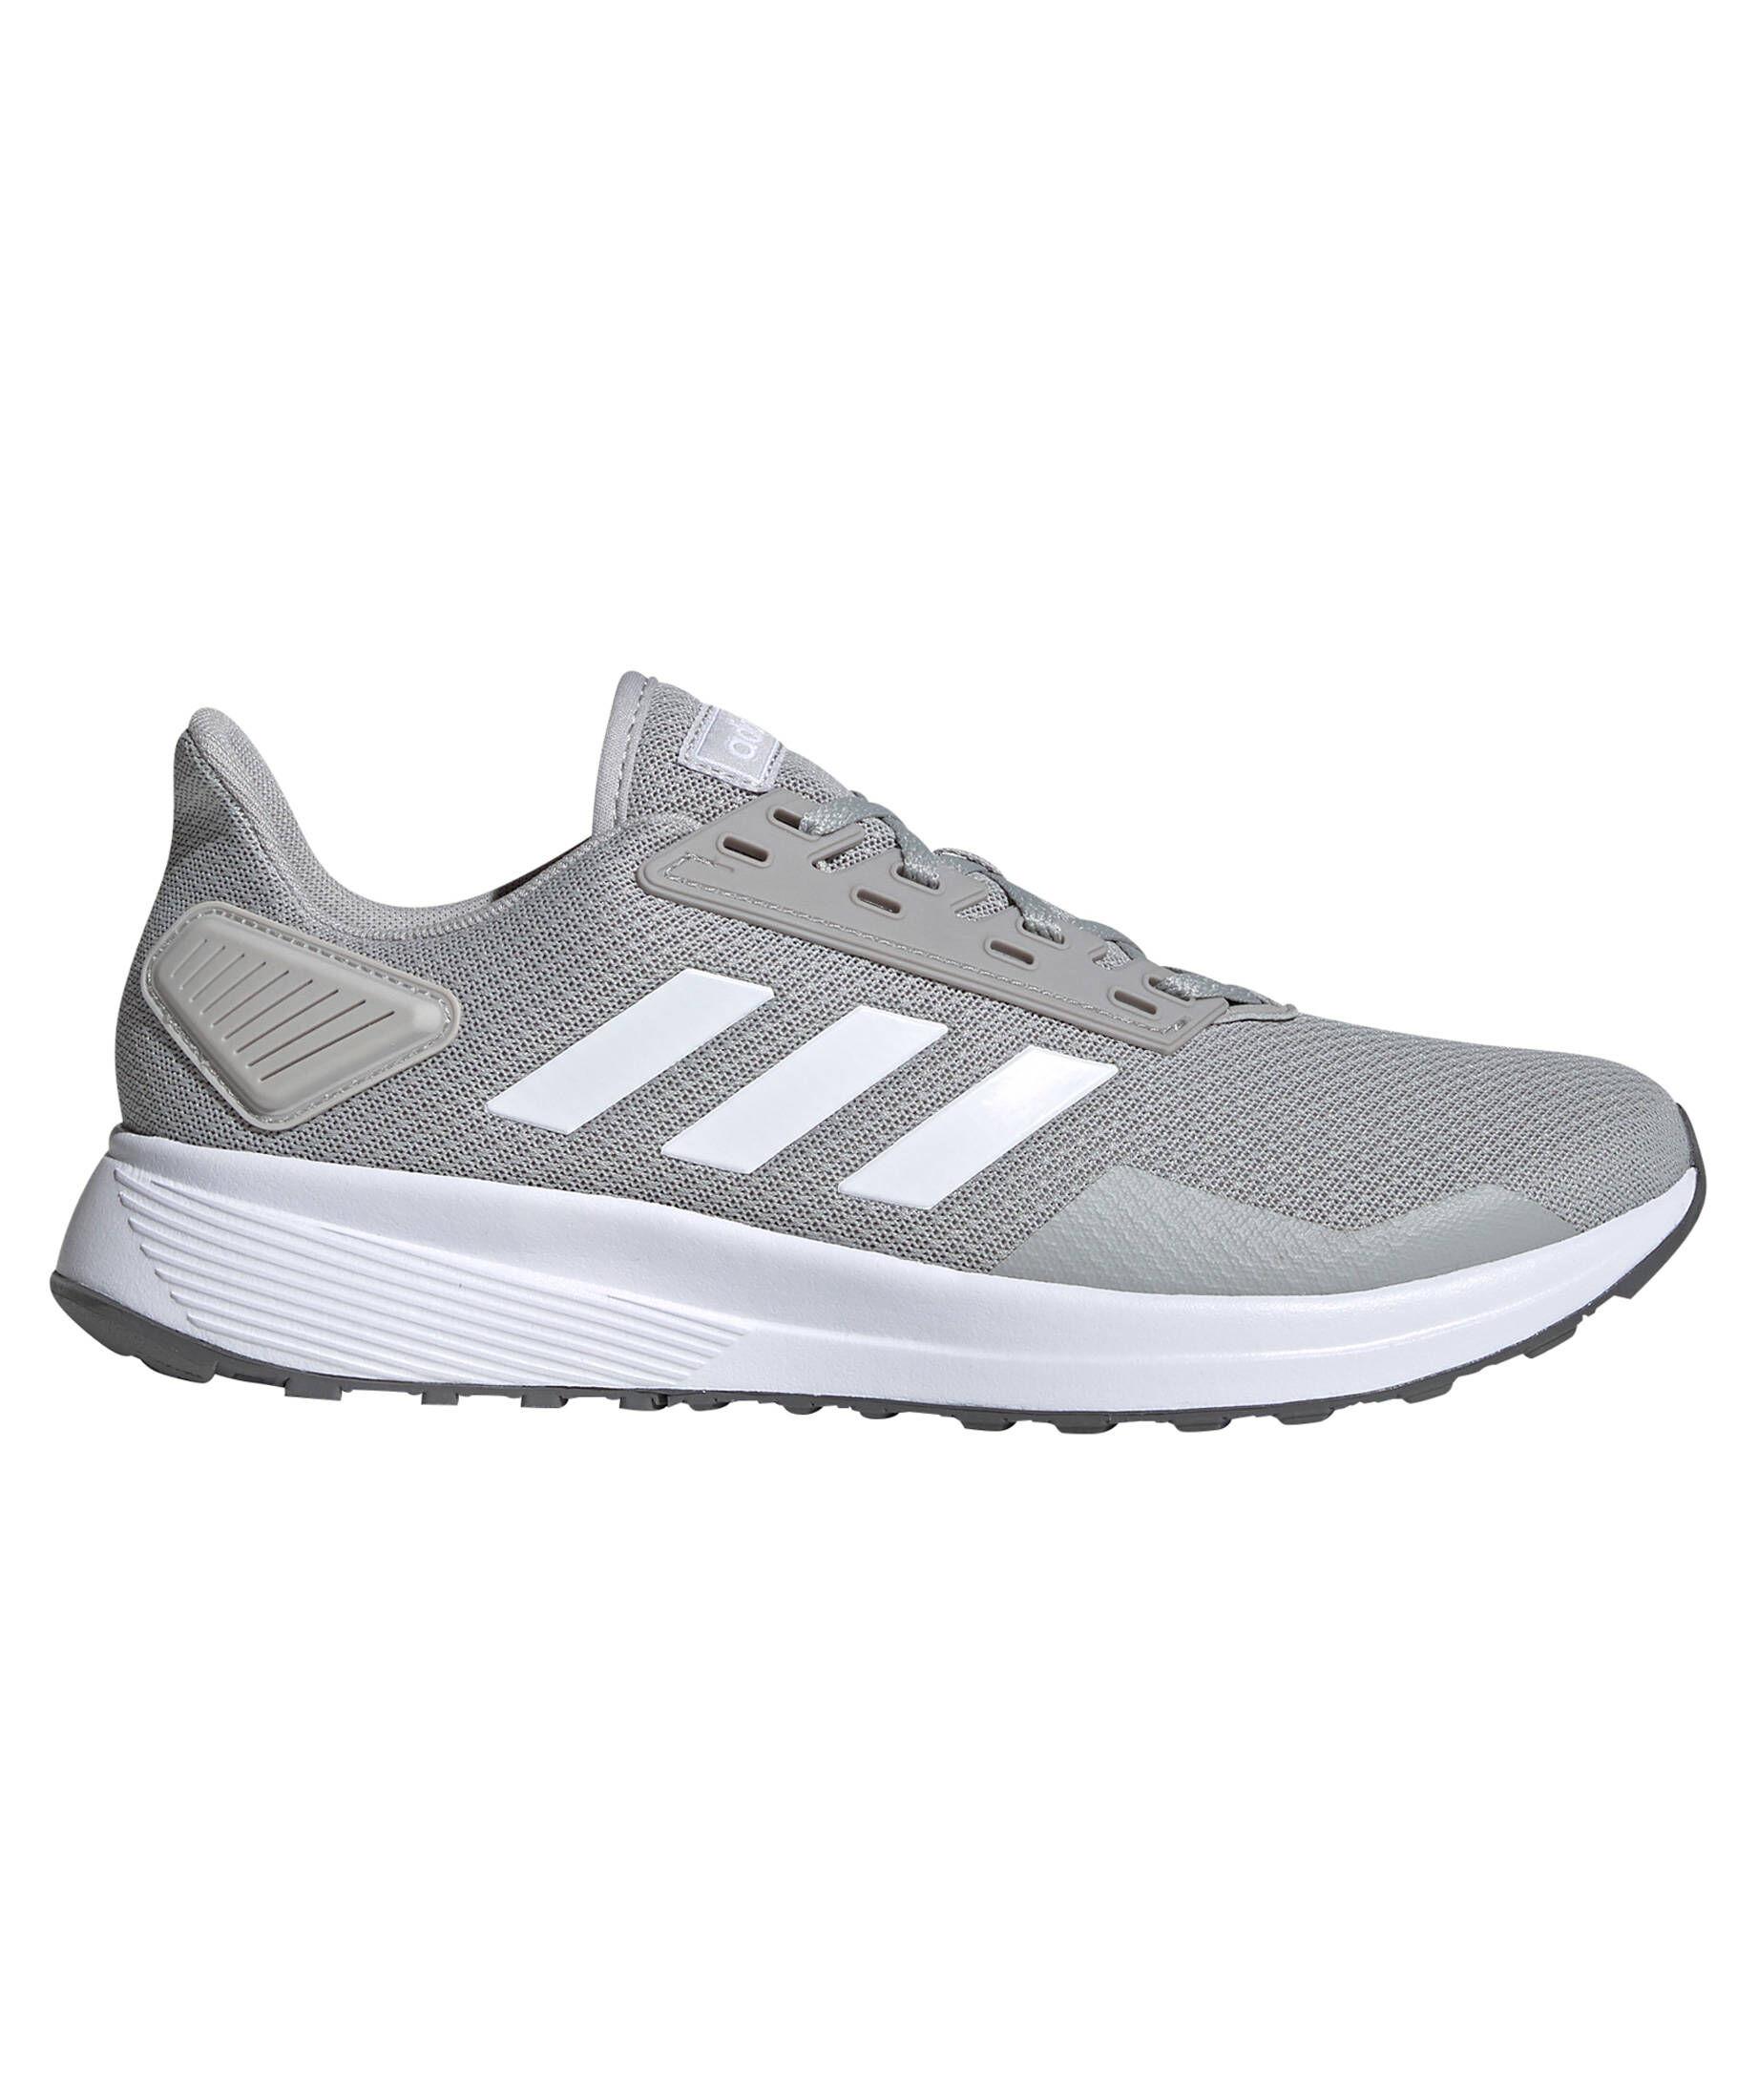 Suchergebnis auf für: adidas Performance Herren